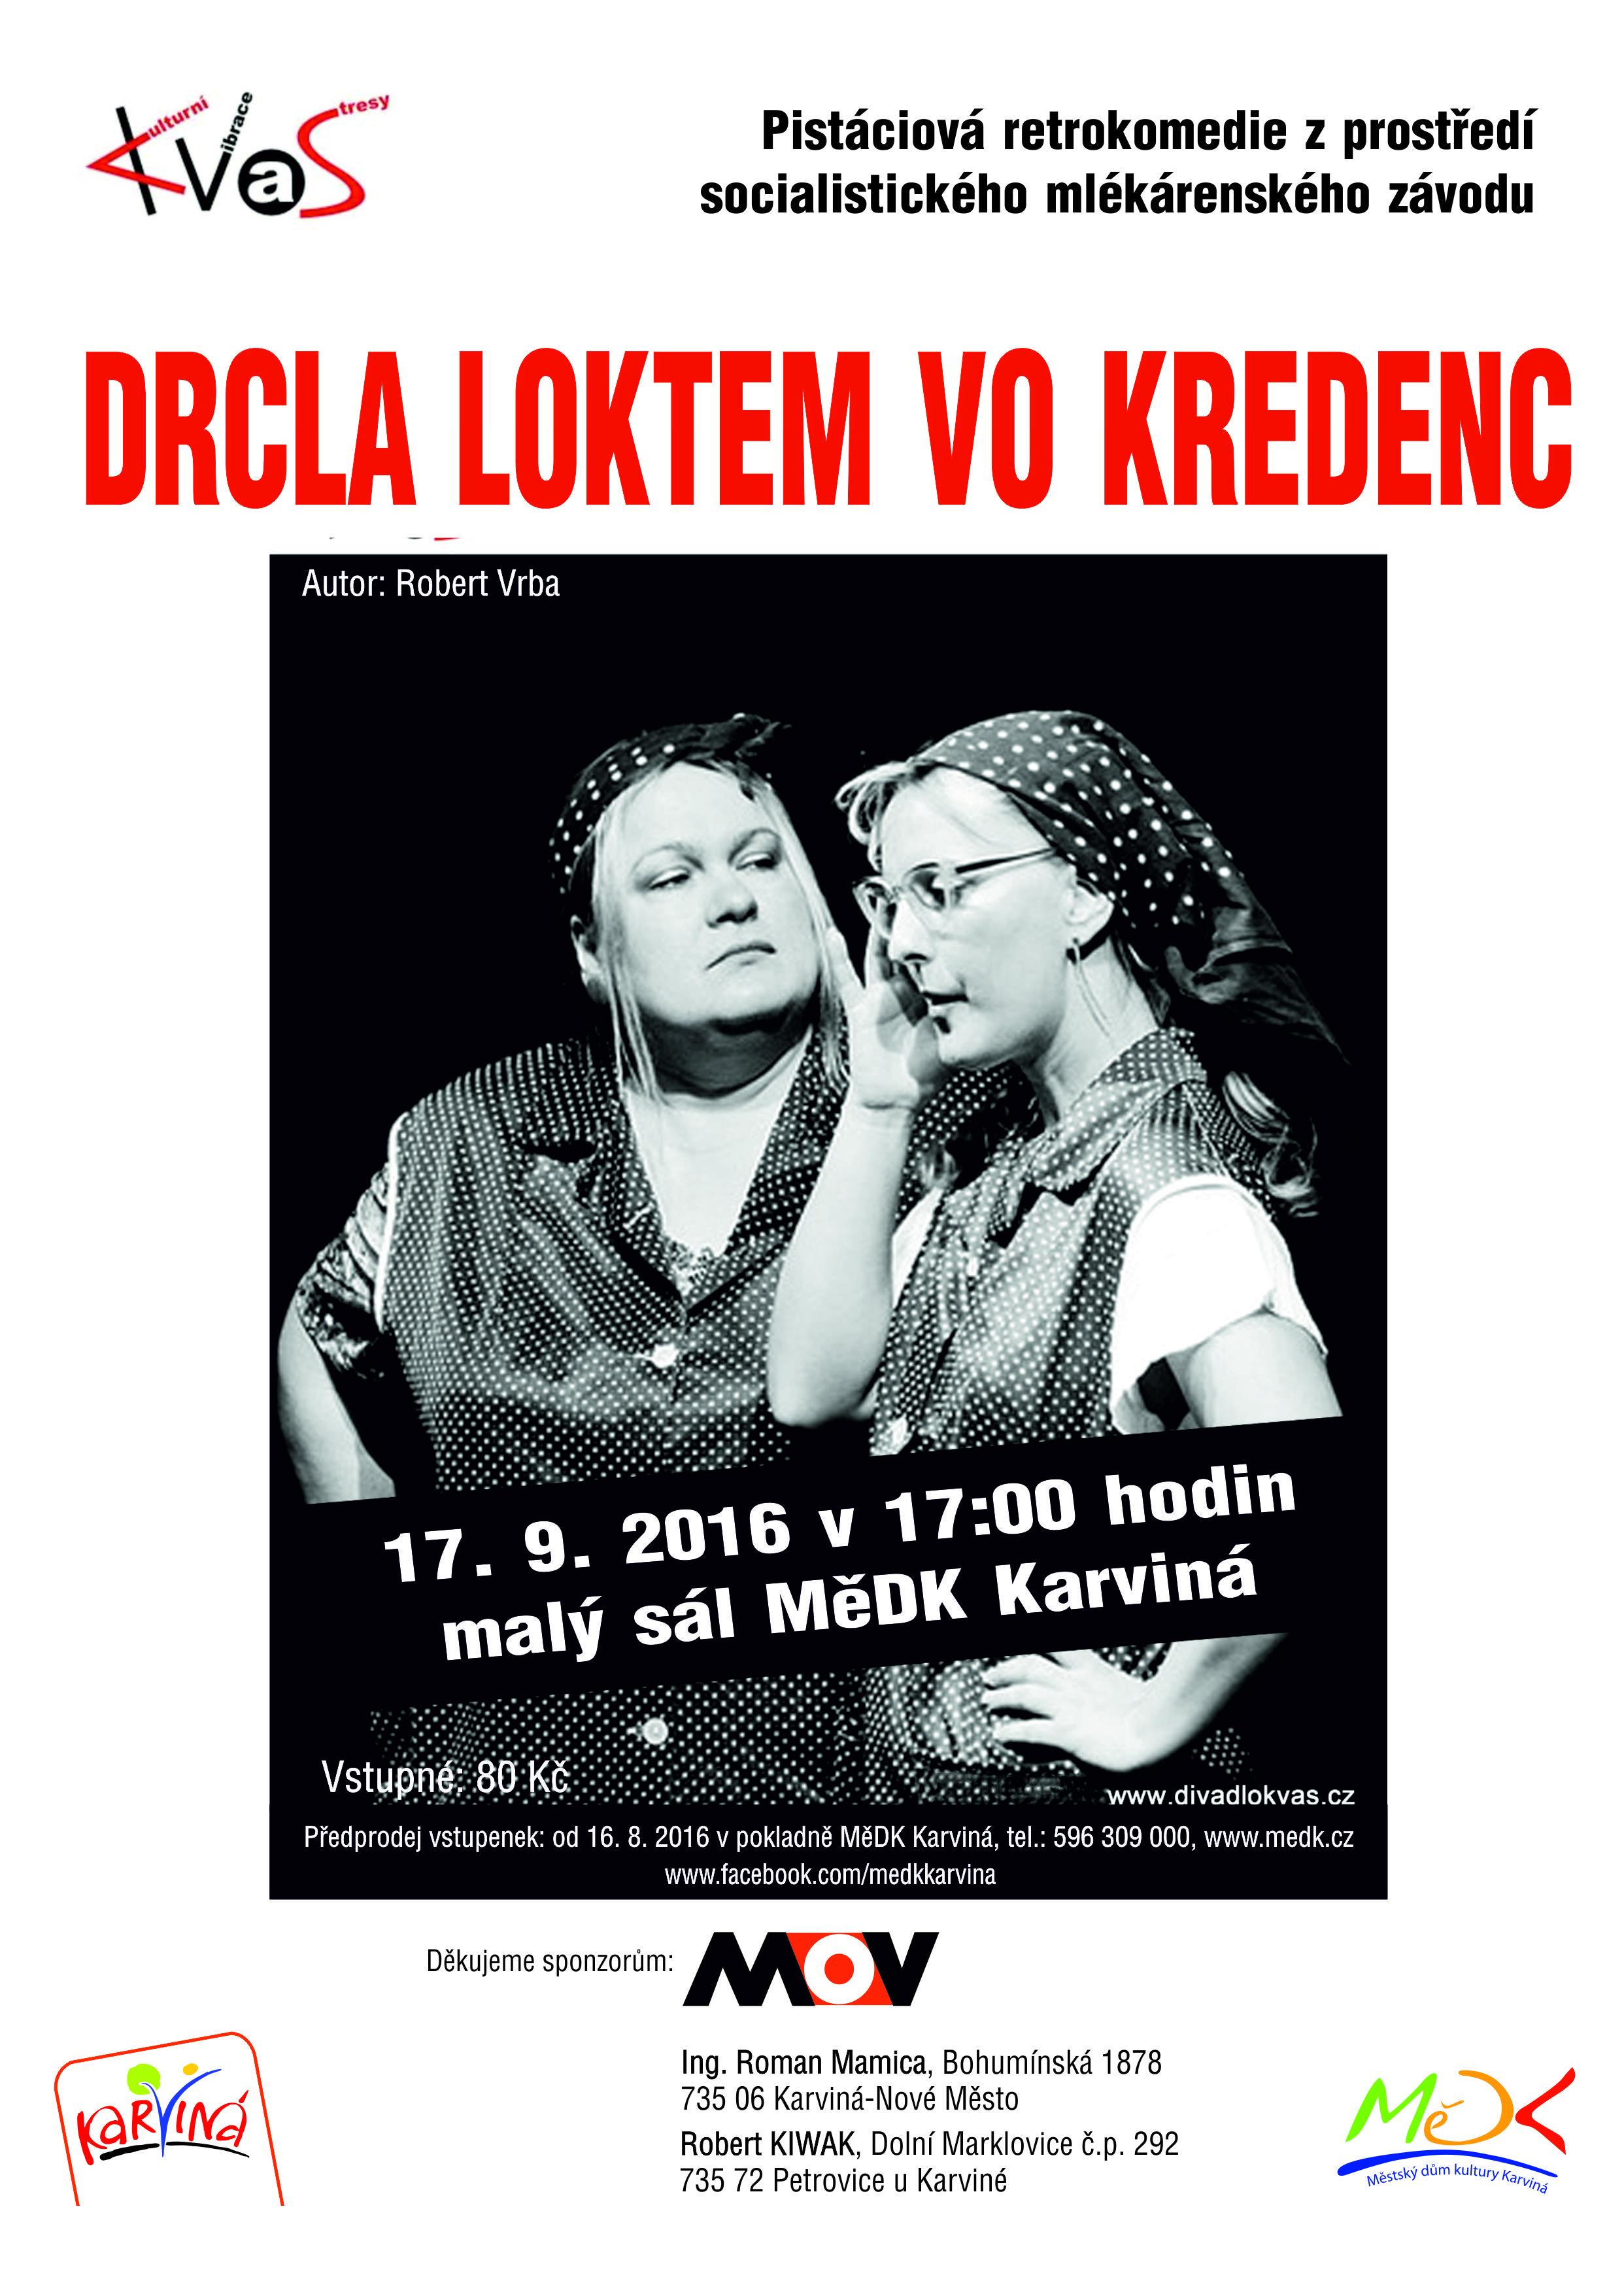 Drcla loktem 17.9.2016